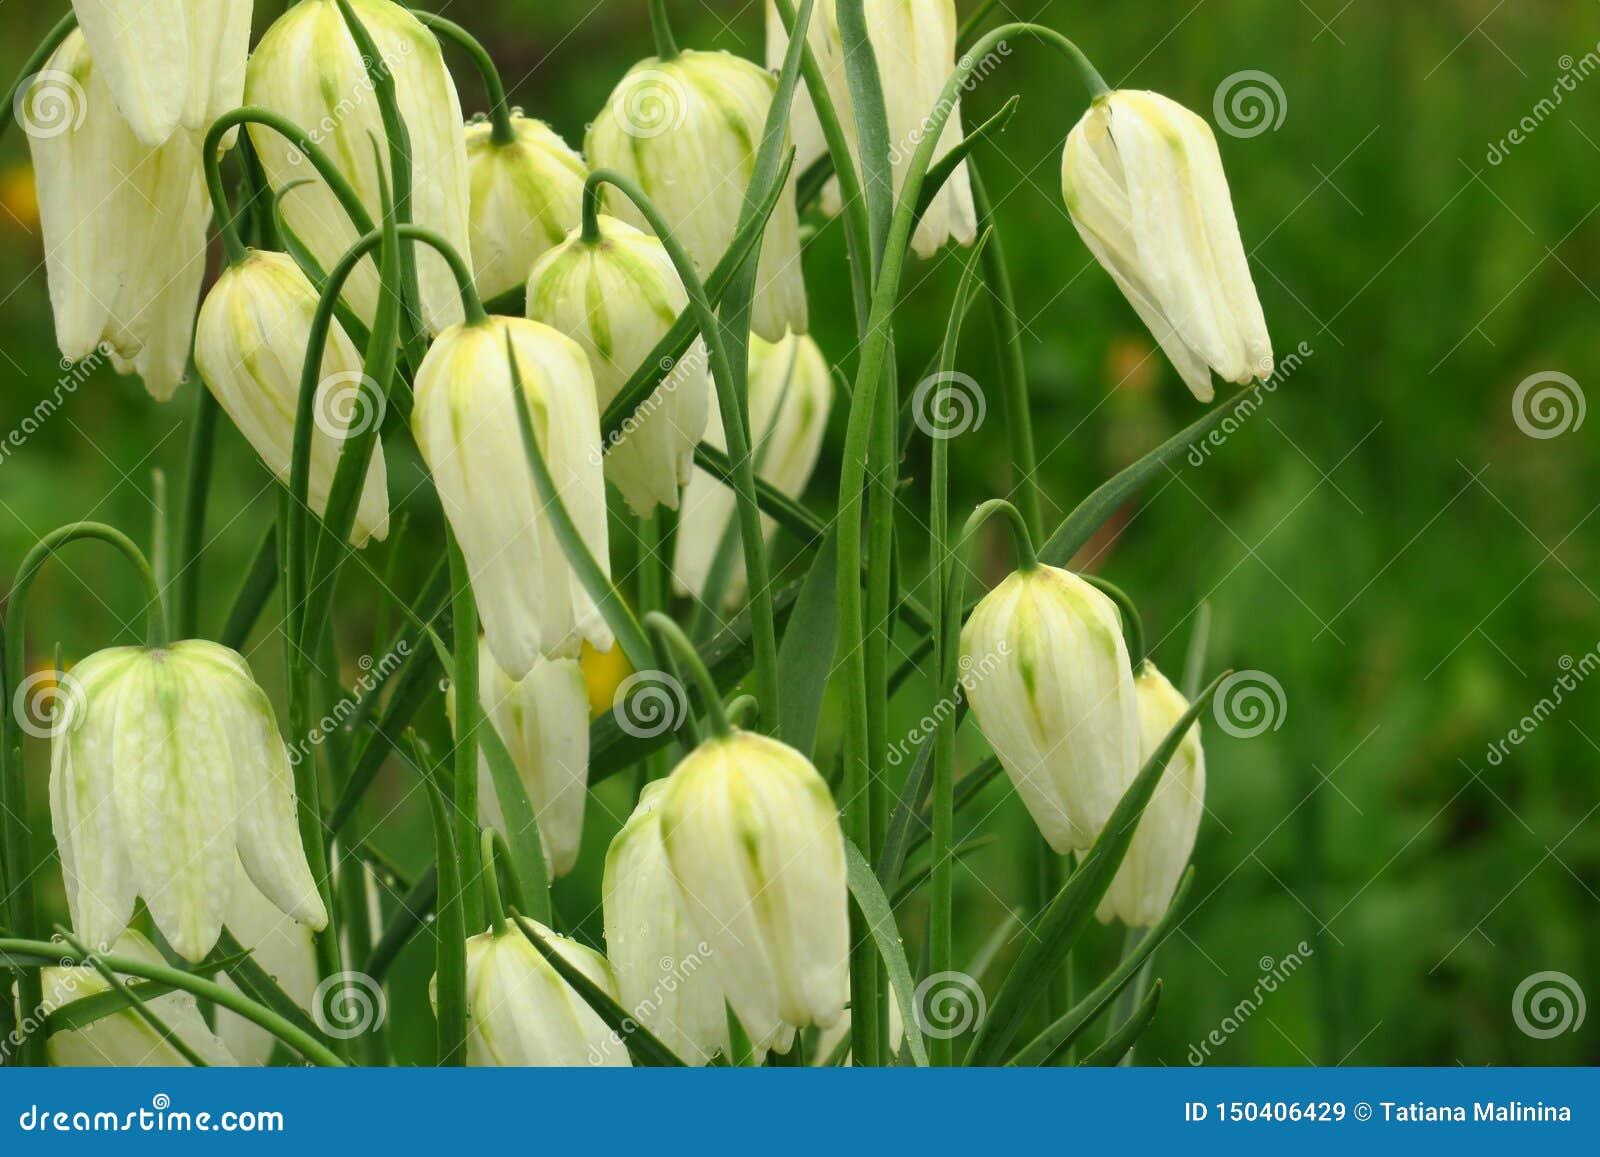 De witte klokken bloeiden in het park tegen de achtergrond van groen gras